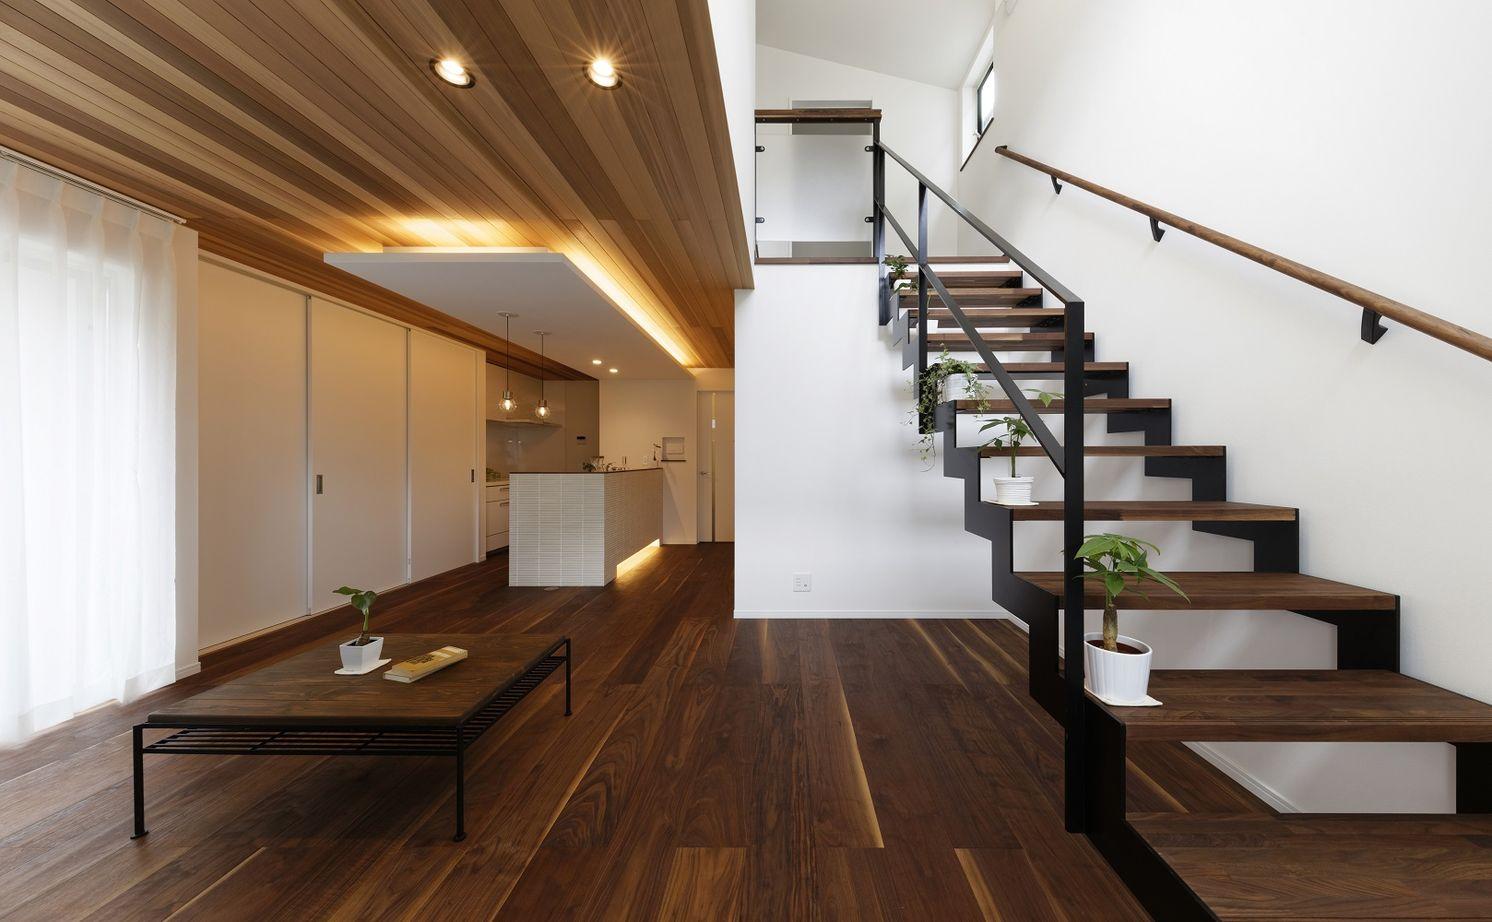 【間取りあり】「小さく建てて、のびのび暮らす」をコンセプトに、外からの視線を遮り、屋内に光を取込む家画像3